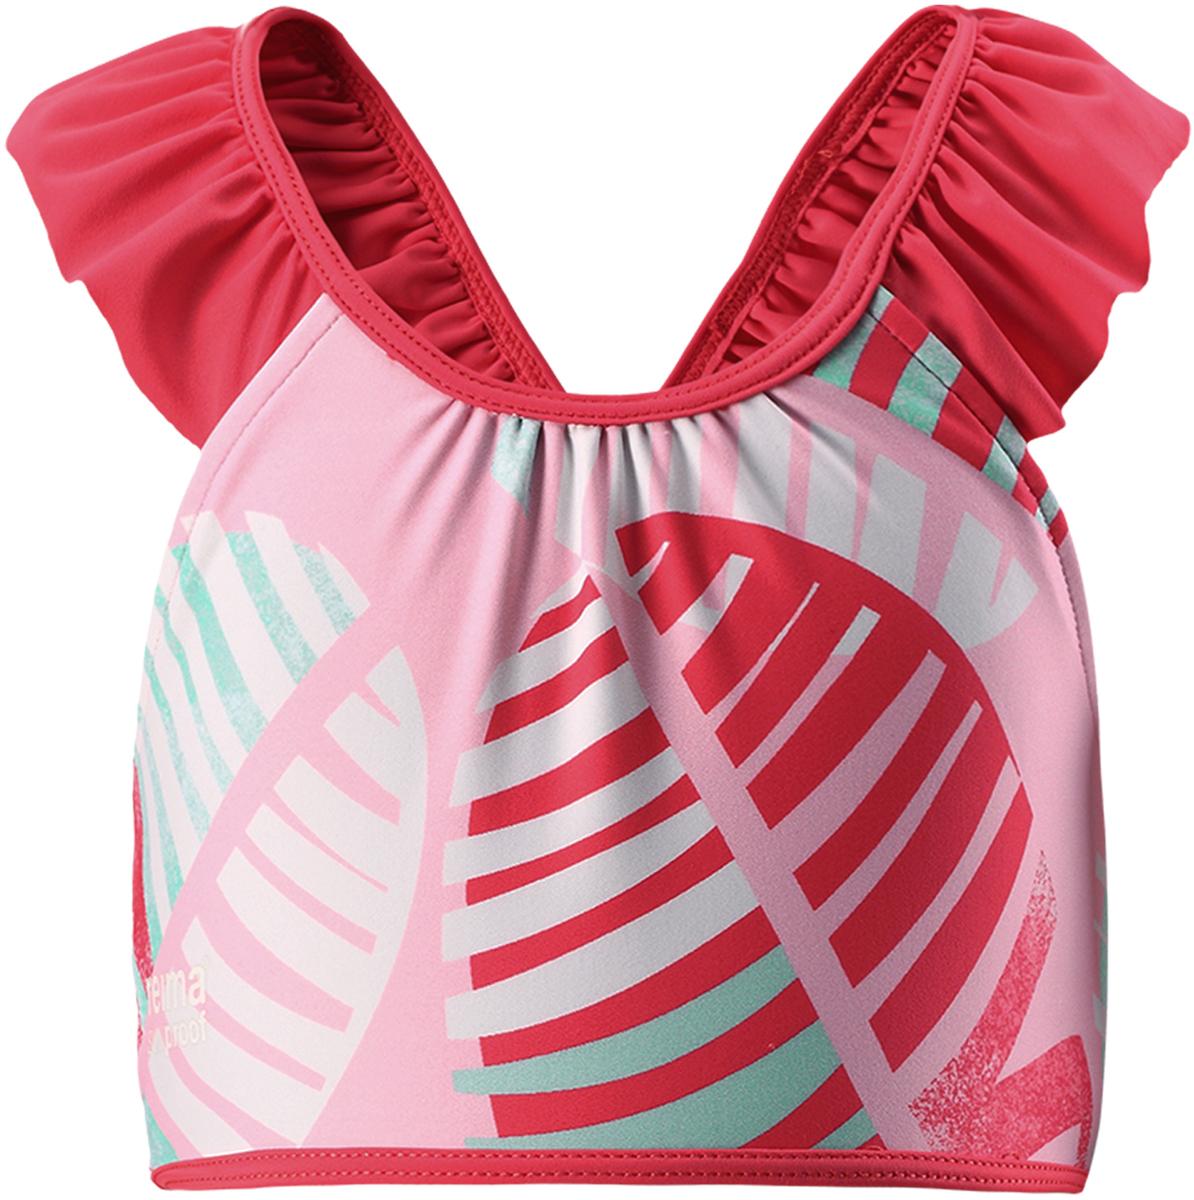 Футболка для плавания для девочки Reima Calamari, цвет: светло-розовый. 5262943341. Размер 1165262943341